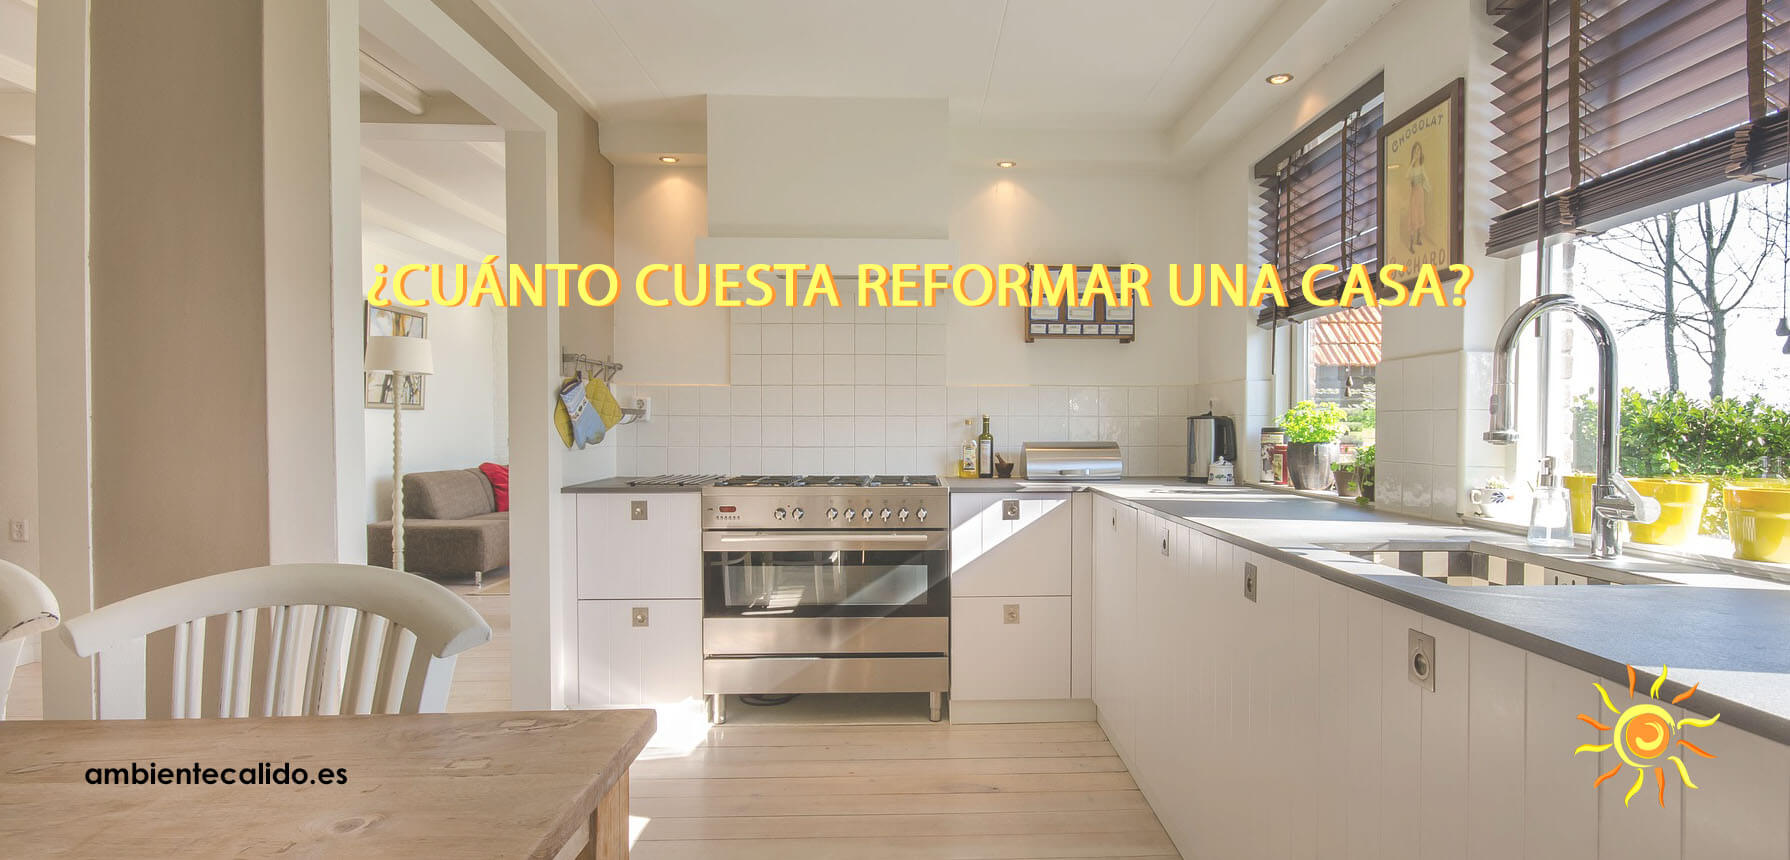 Reformas De Casas Antiguas Antes Y Despues Renovar La Cocina Sin  ~ Reformas De Casas Antiguas Antes Y Despues